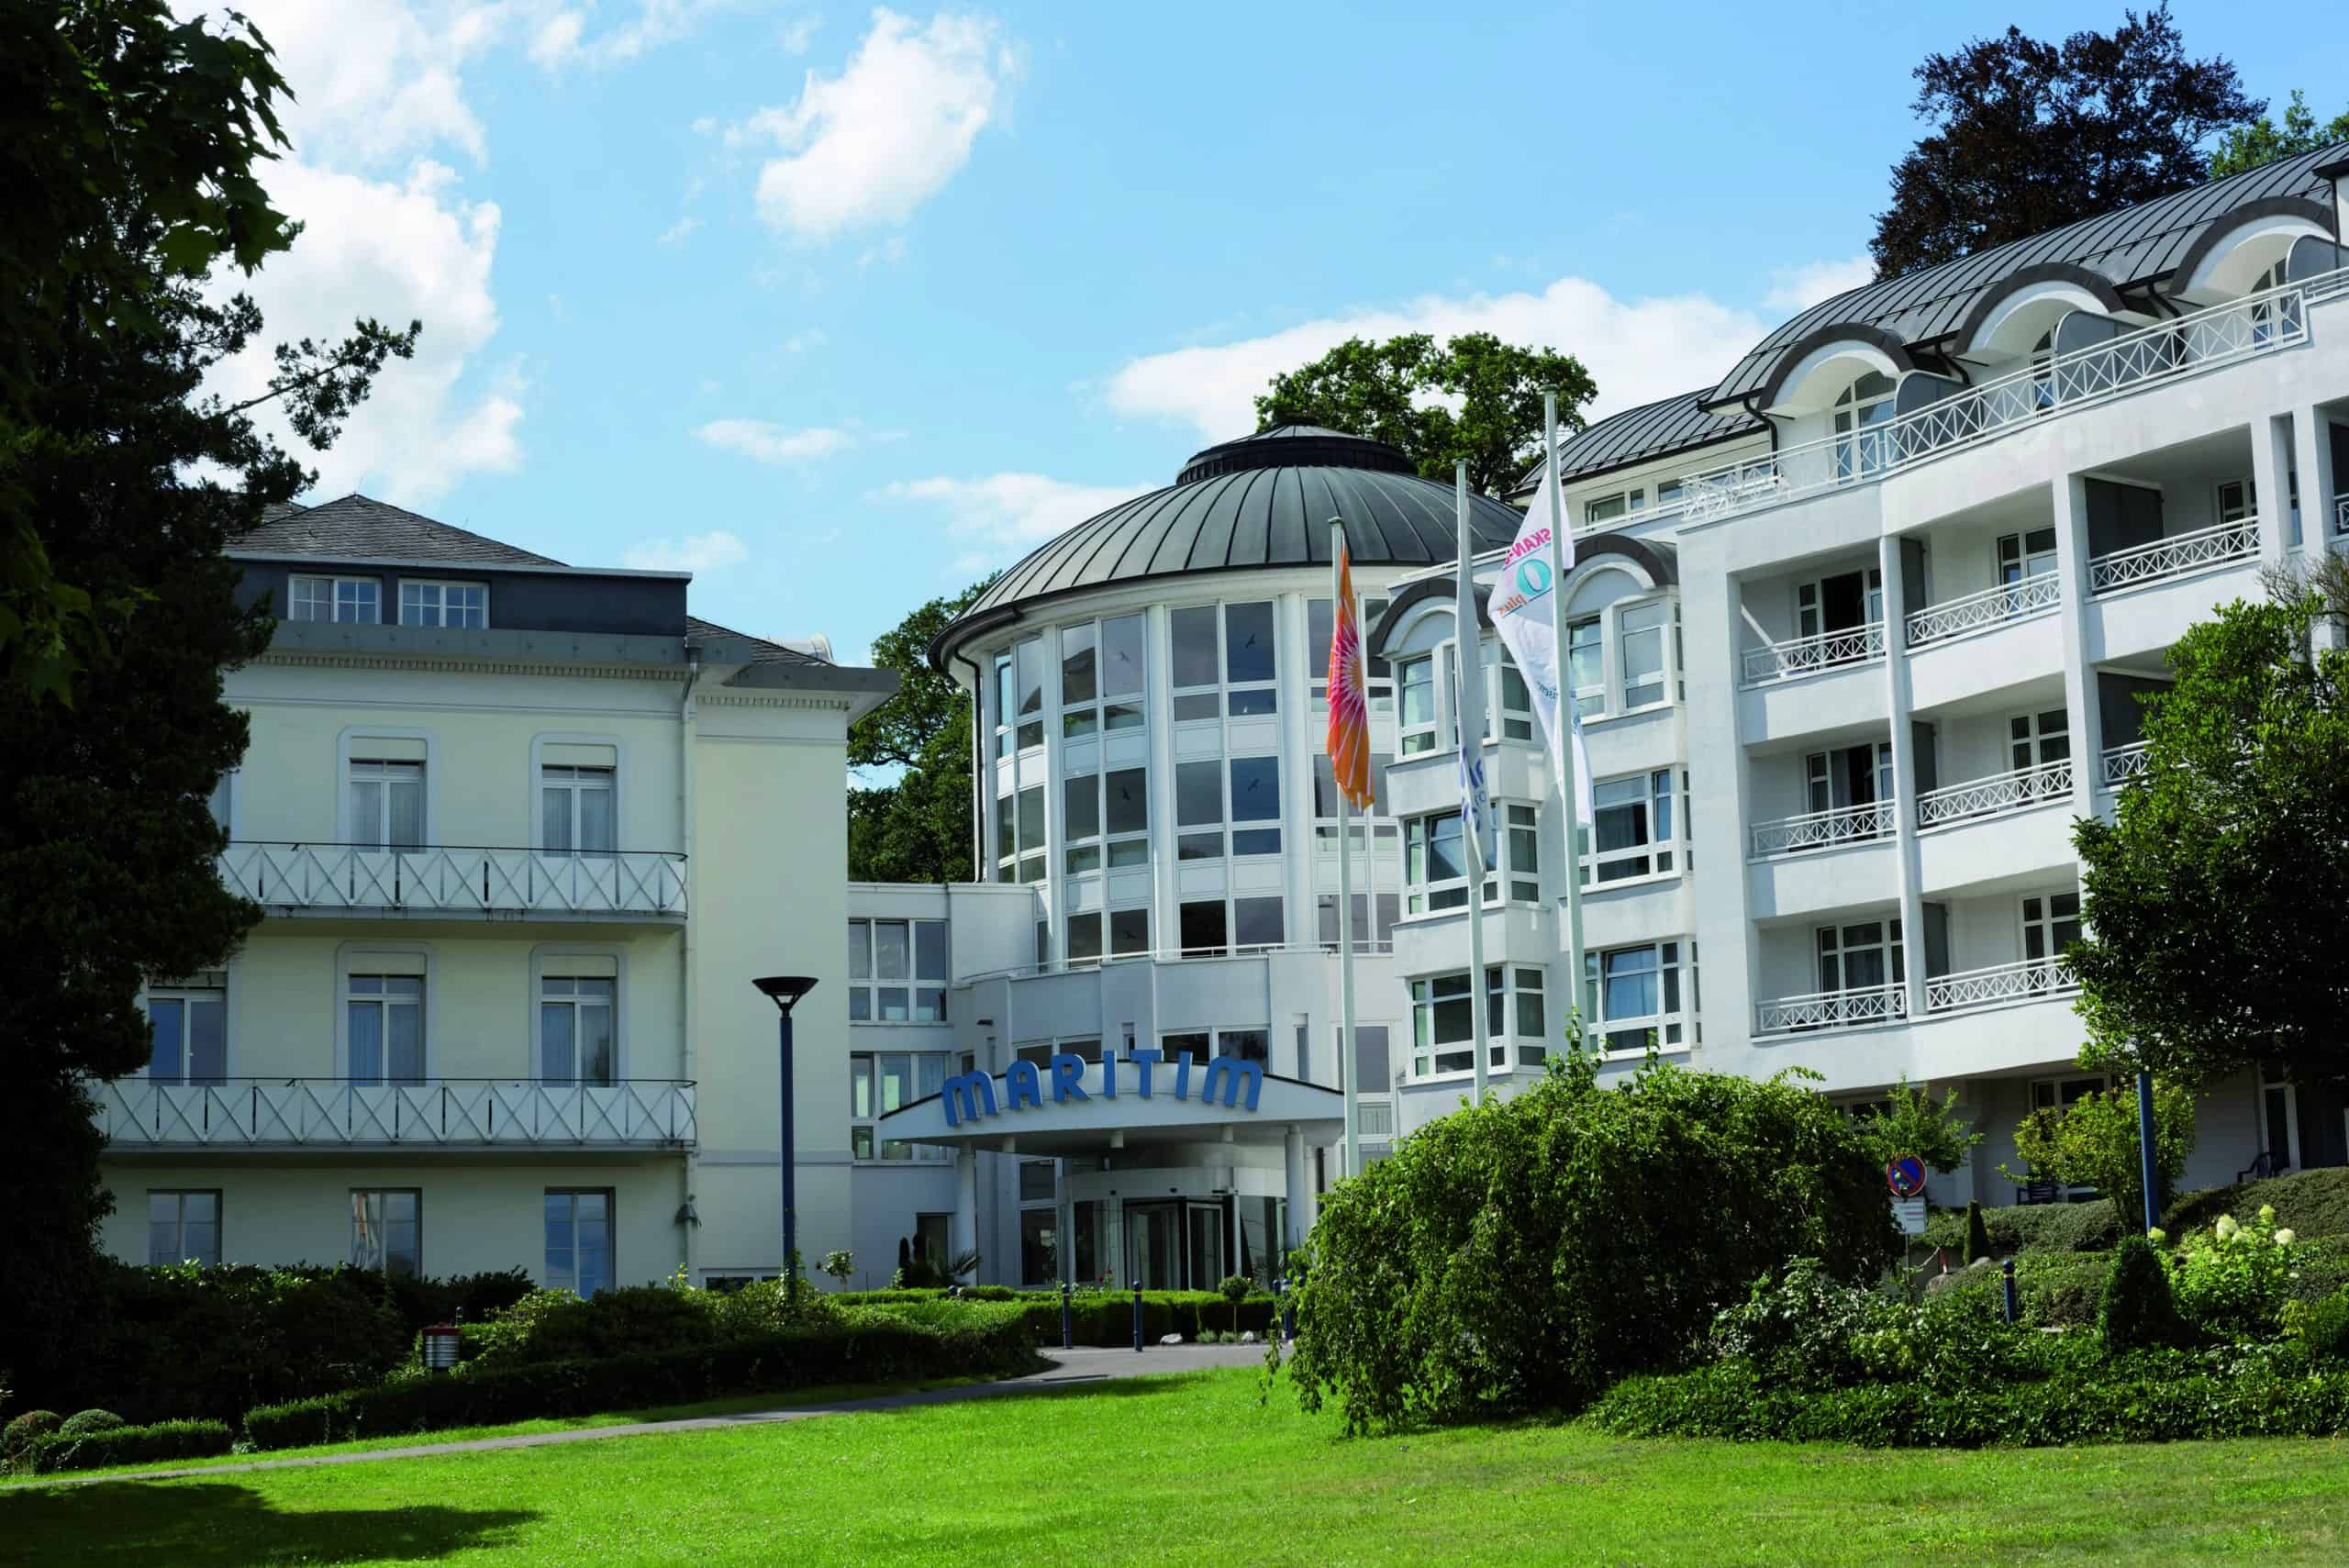 Maritim-Hotel-Bad-Wildungen-scaled